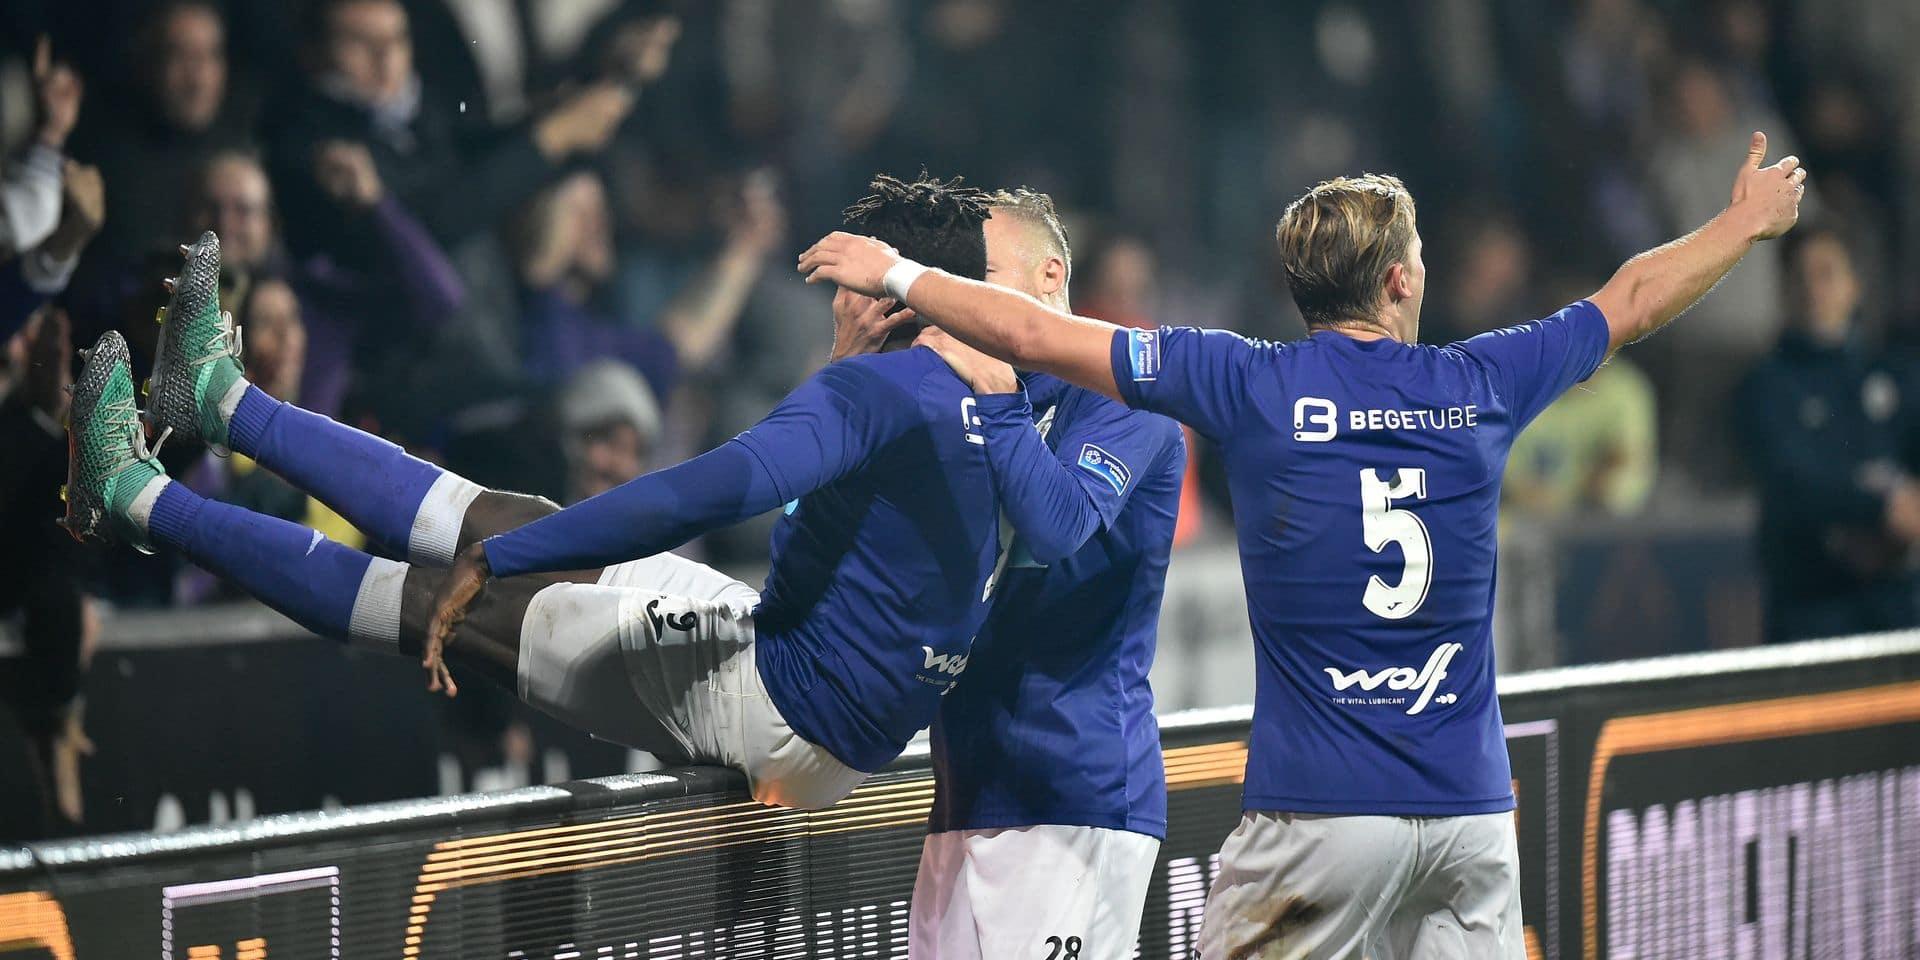 Beerschot Wilrijk tient à la tradition du club et veut racheter le matricule 13